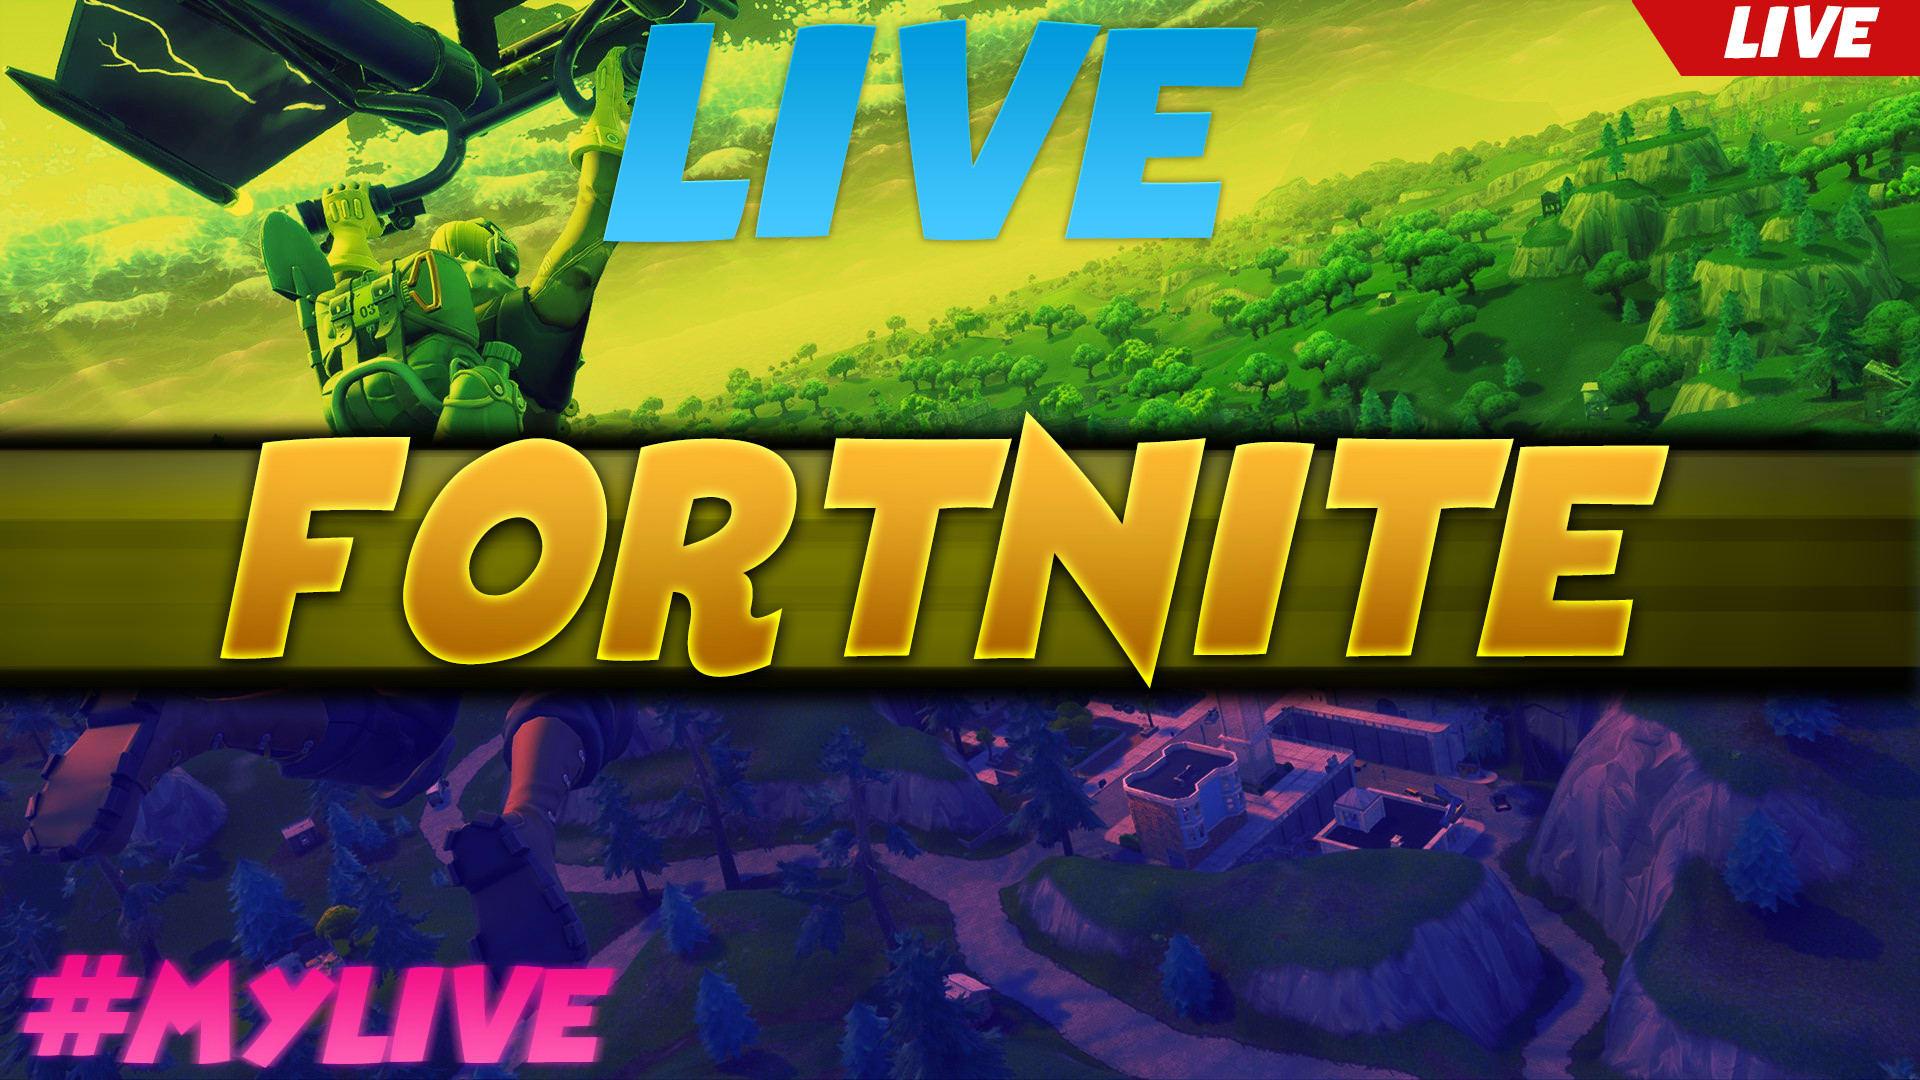 Fortnite livestream